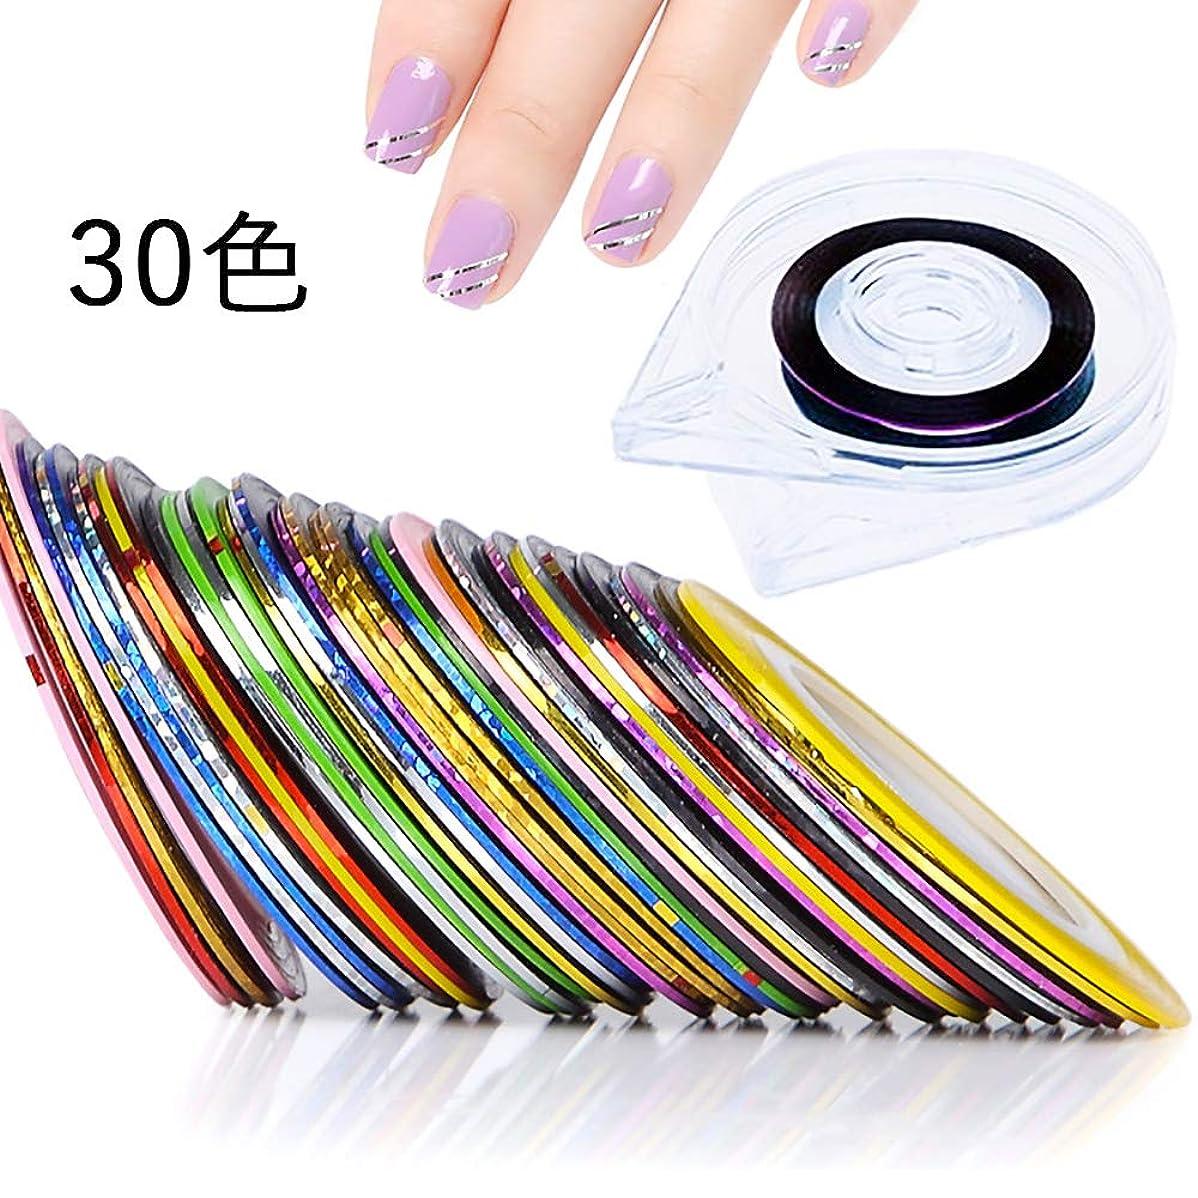 複製する証明トリップ30色セット ネイルアート用 ラインテープ シート ジェルネイル用 マニキュア セット 1mm幅 専用ケース2個付き